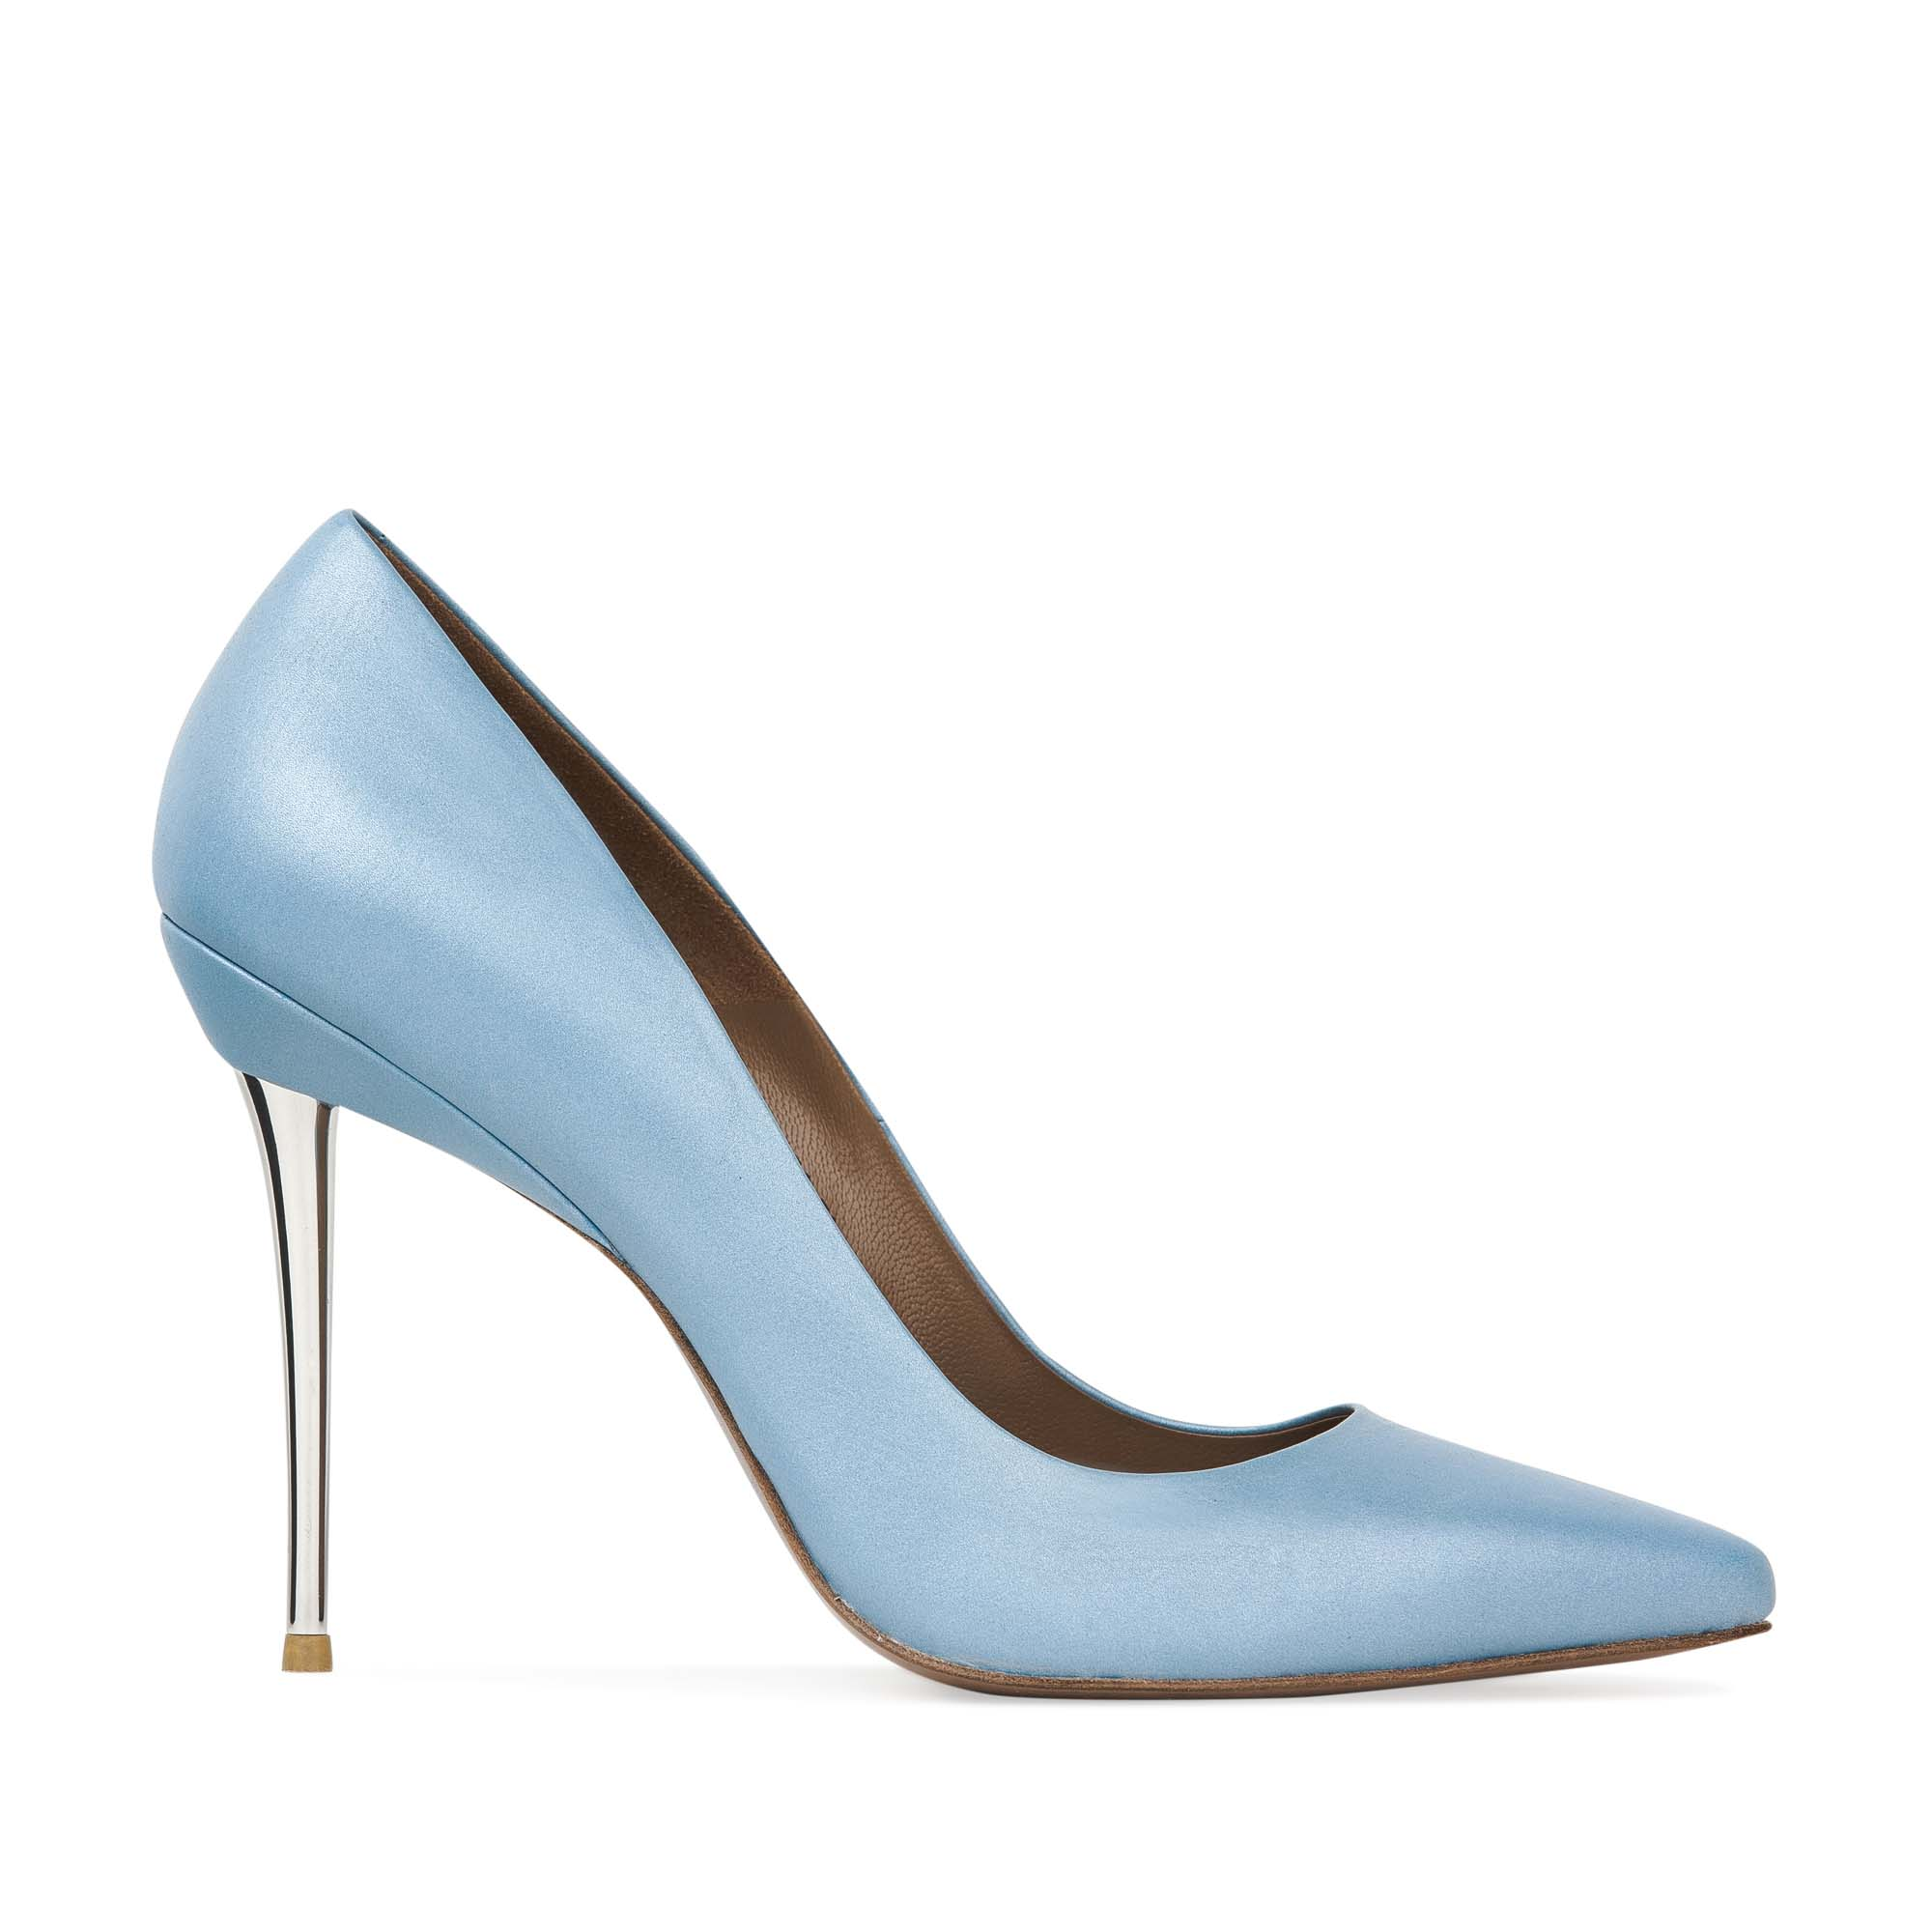 Кожаные туфли-лодочки небесно-голубого цвета на металлическом каблуке